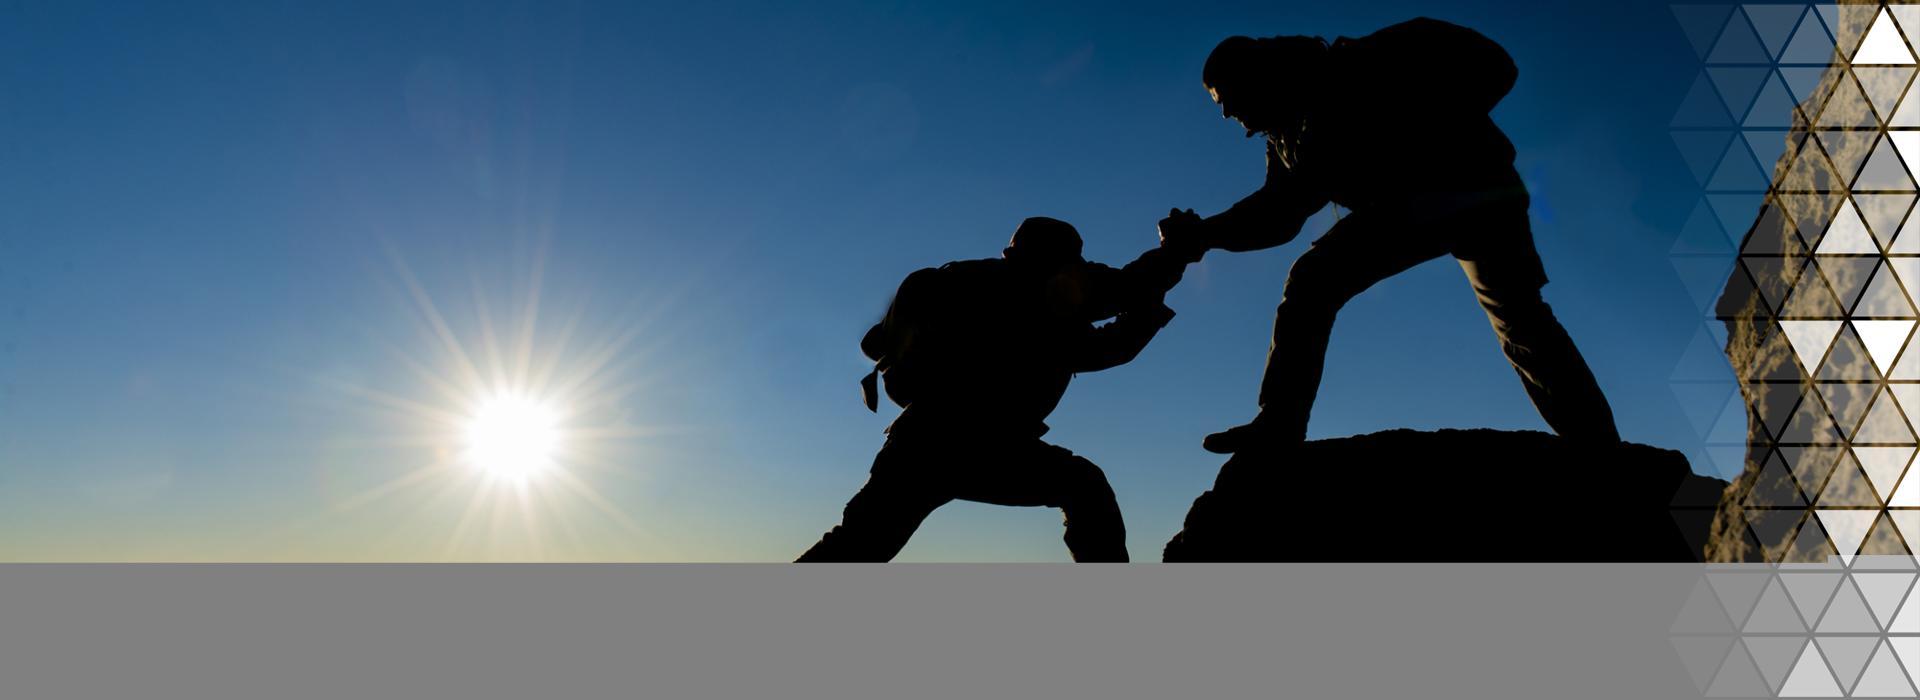 Zaufanie-dwóch ludzi wspinających się na szczyt.